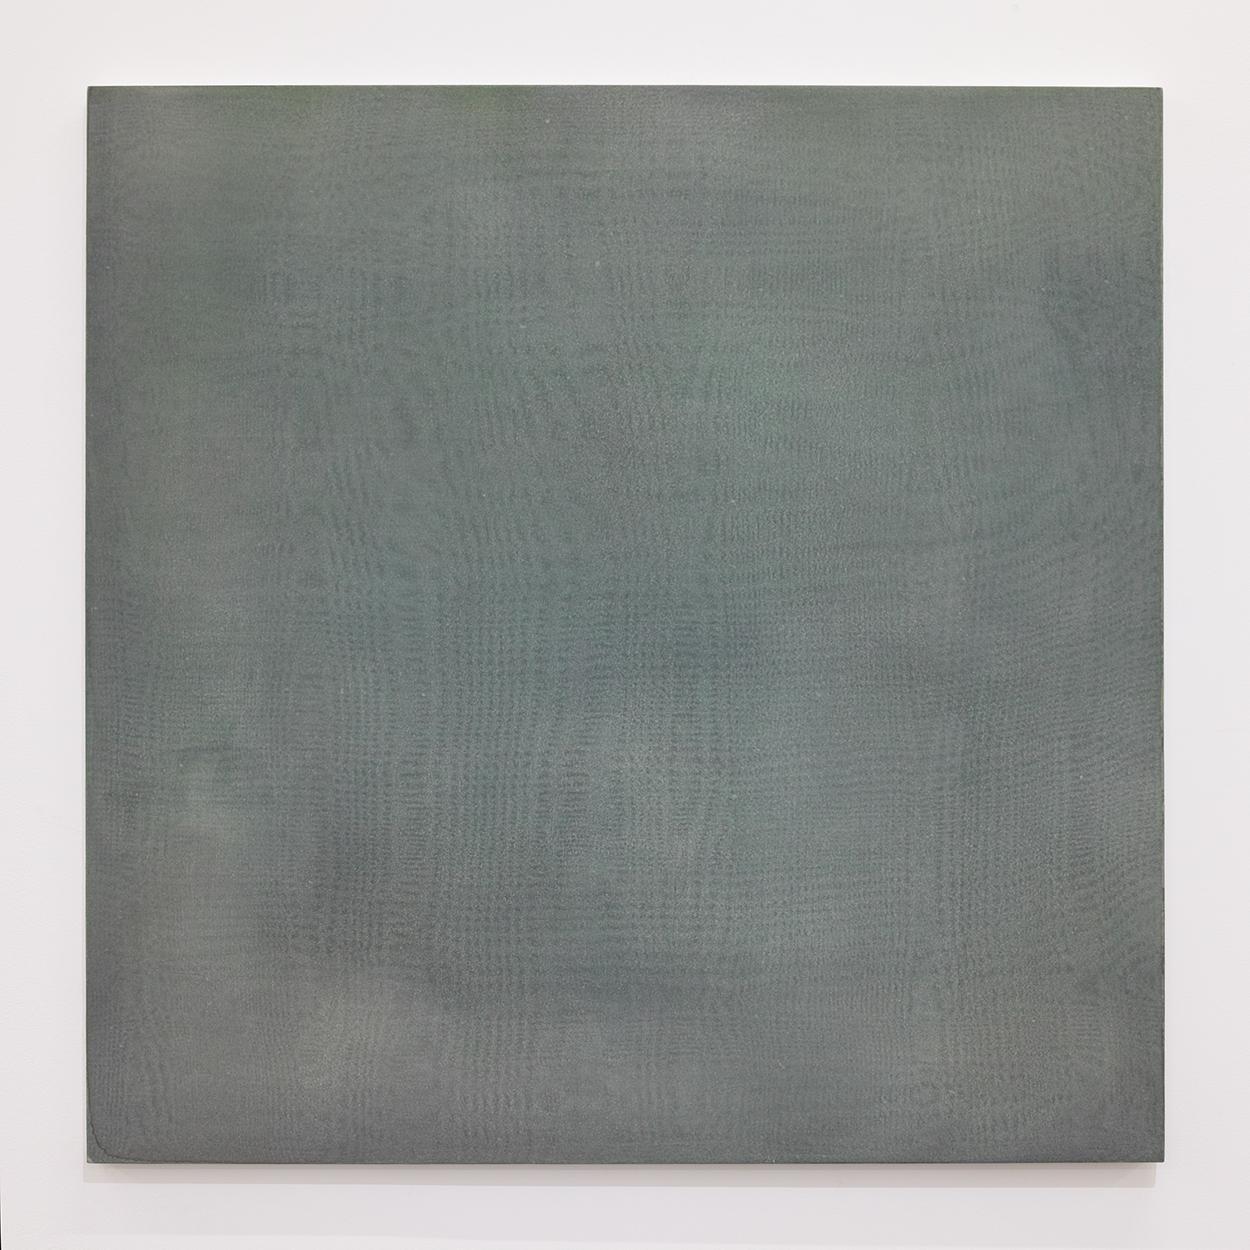 三浦洋子|YOKO MIURA<br>untitled|acrylic, organdy and panel|80 x 80 cm|2004